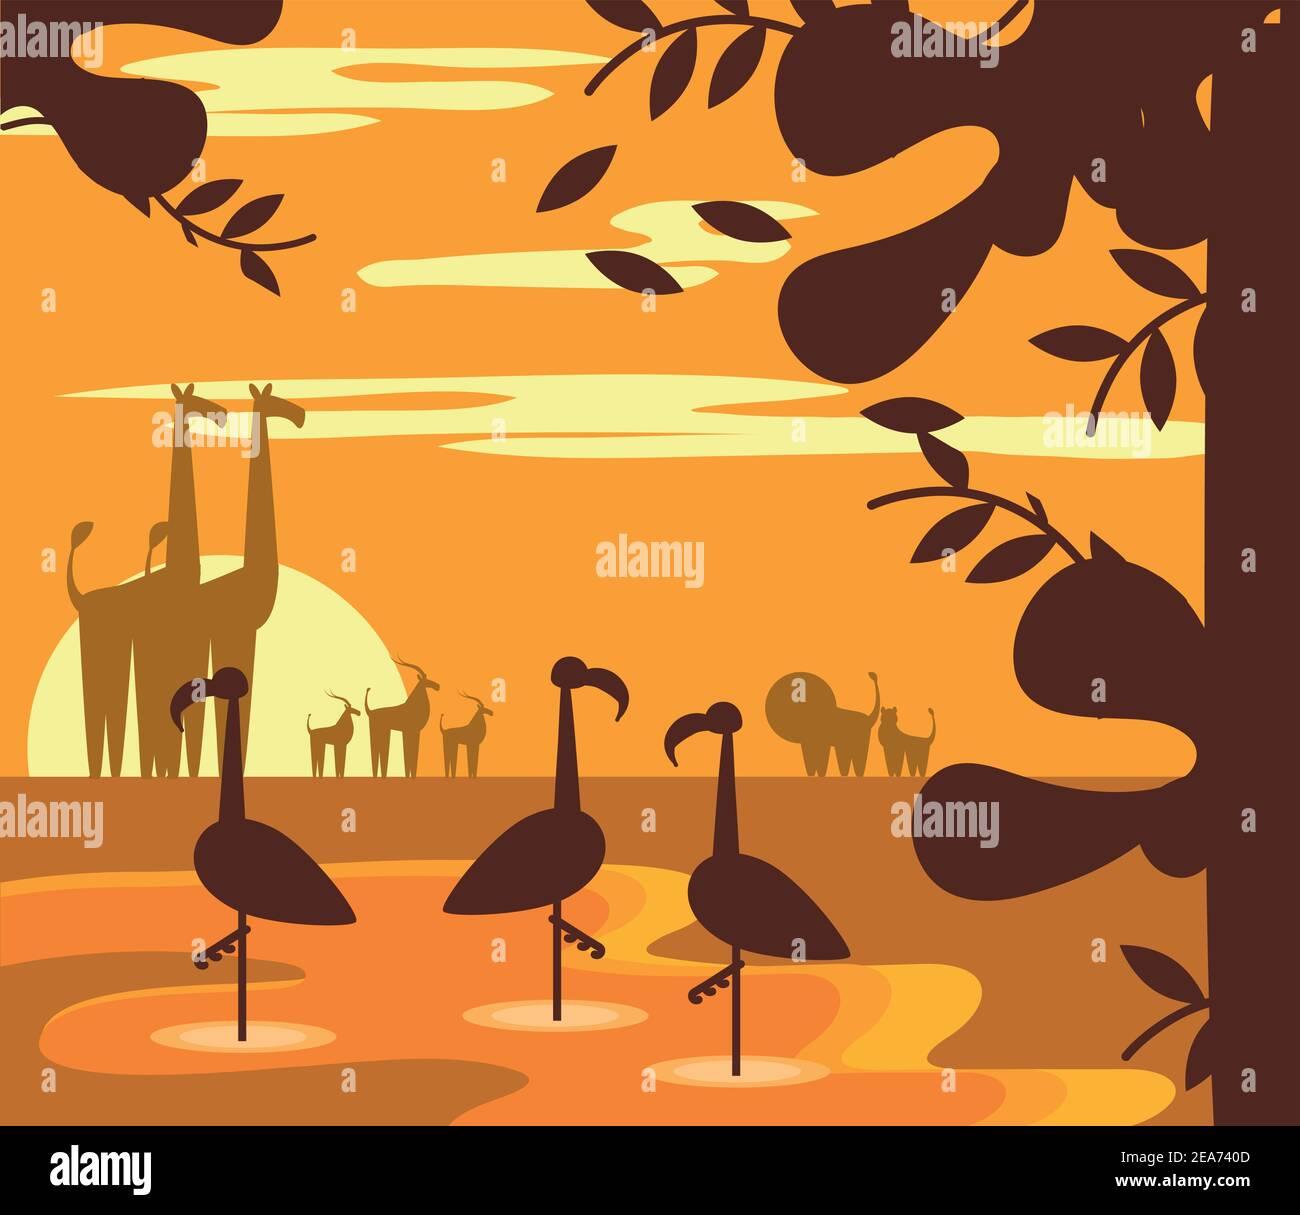 animaux jungle coucher de soleil paysage dessin animé dans la silhouette vecteur illustration Illustration de Vecteur